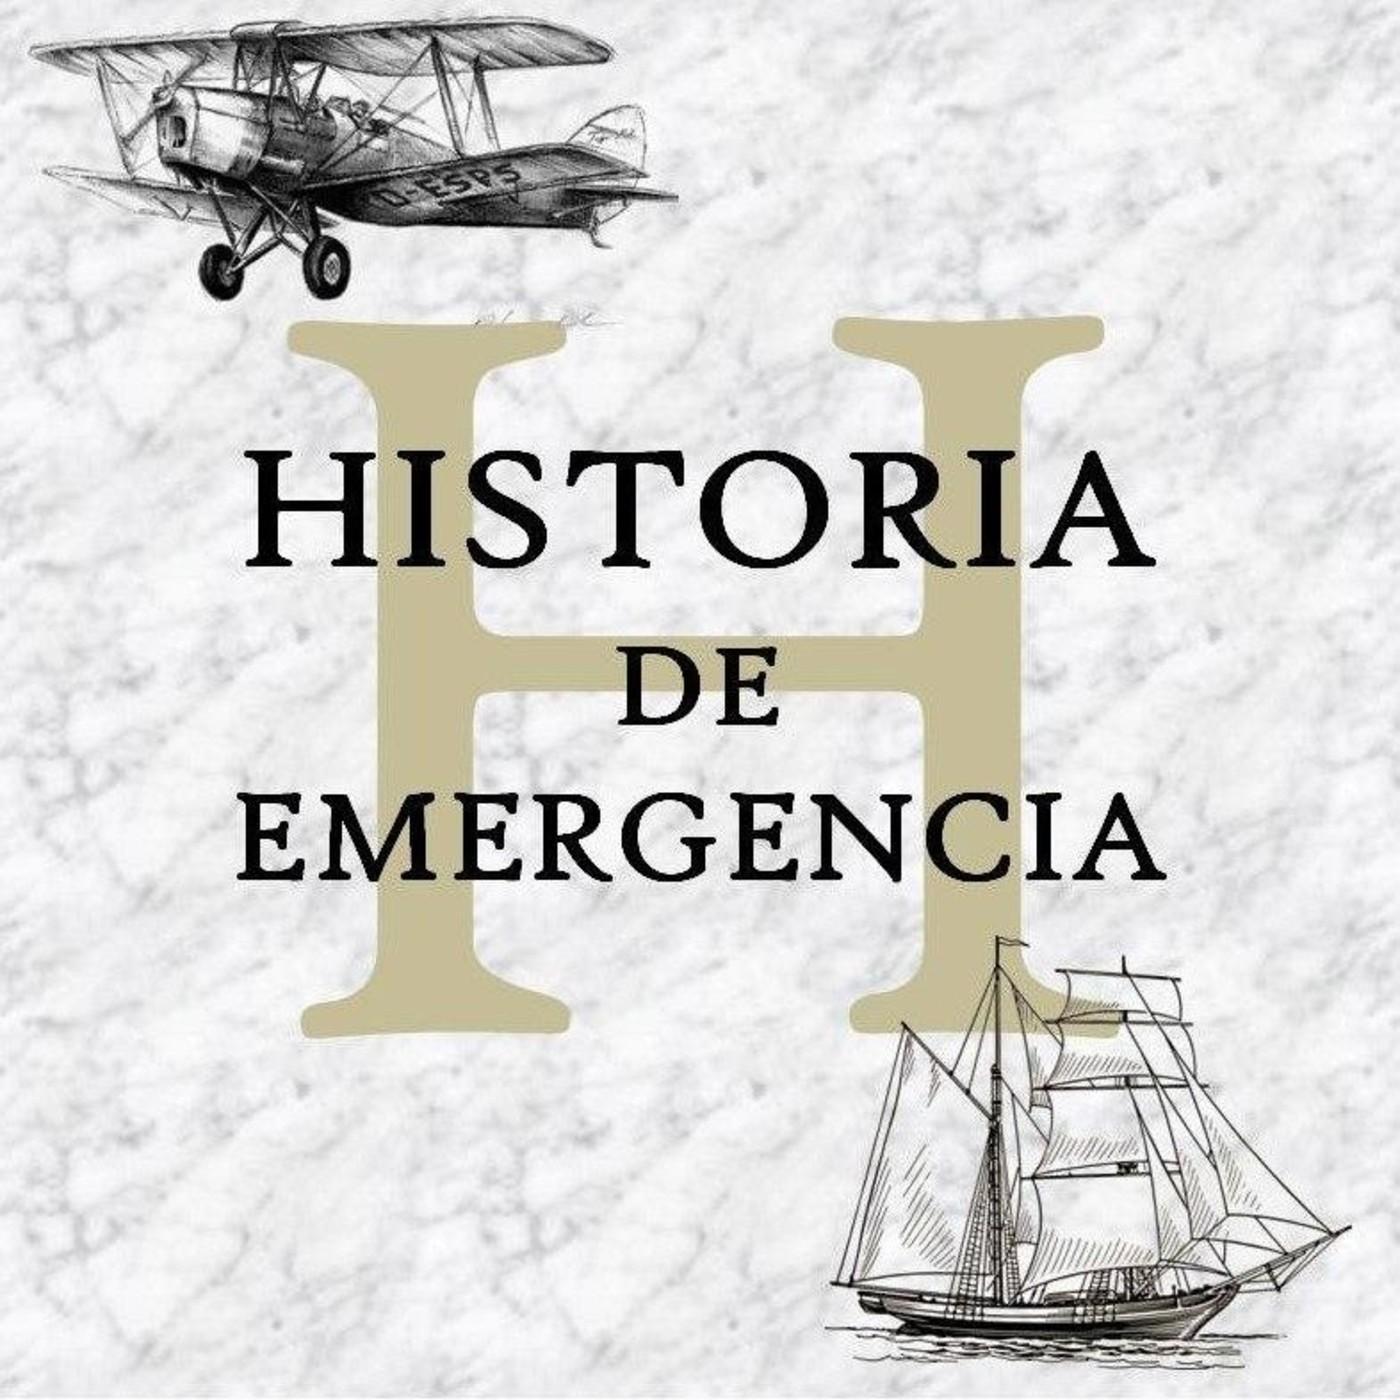 Historia de Emergencia 071 Historia de la bandera de España